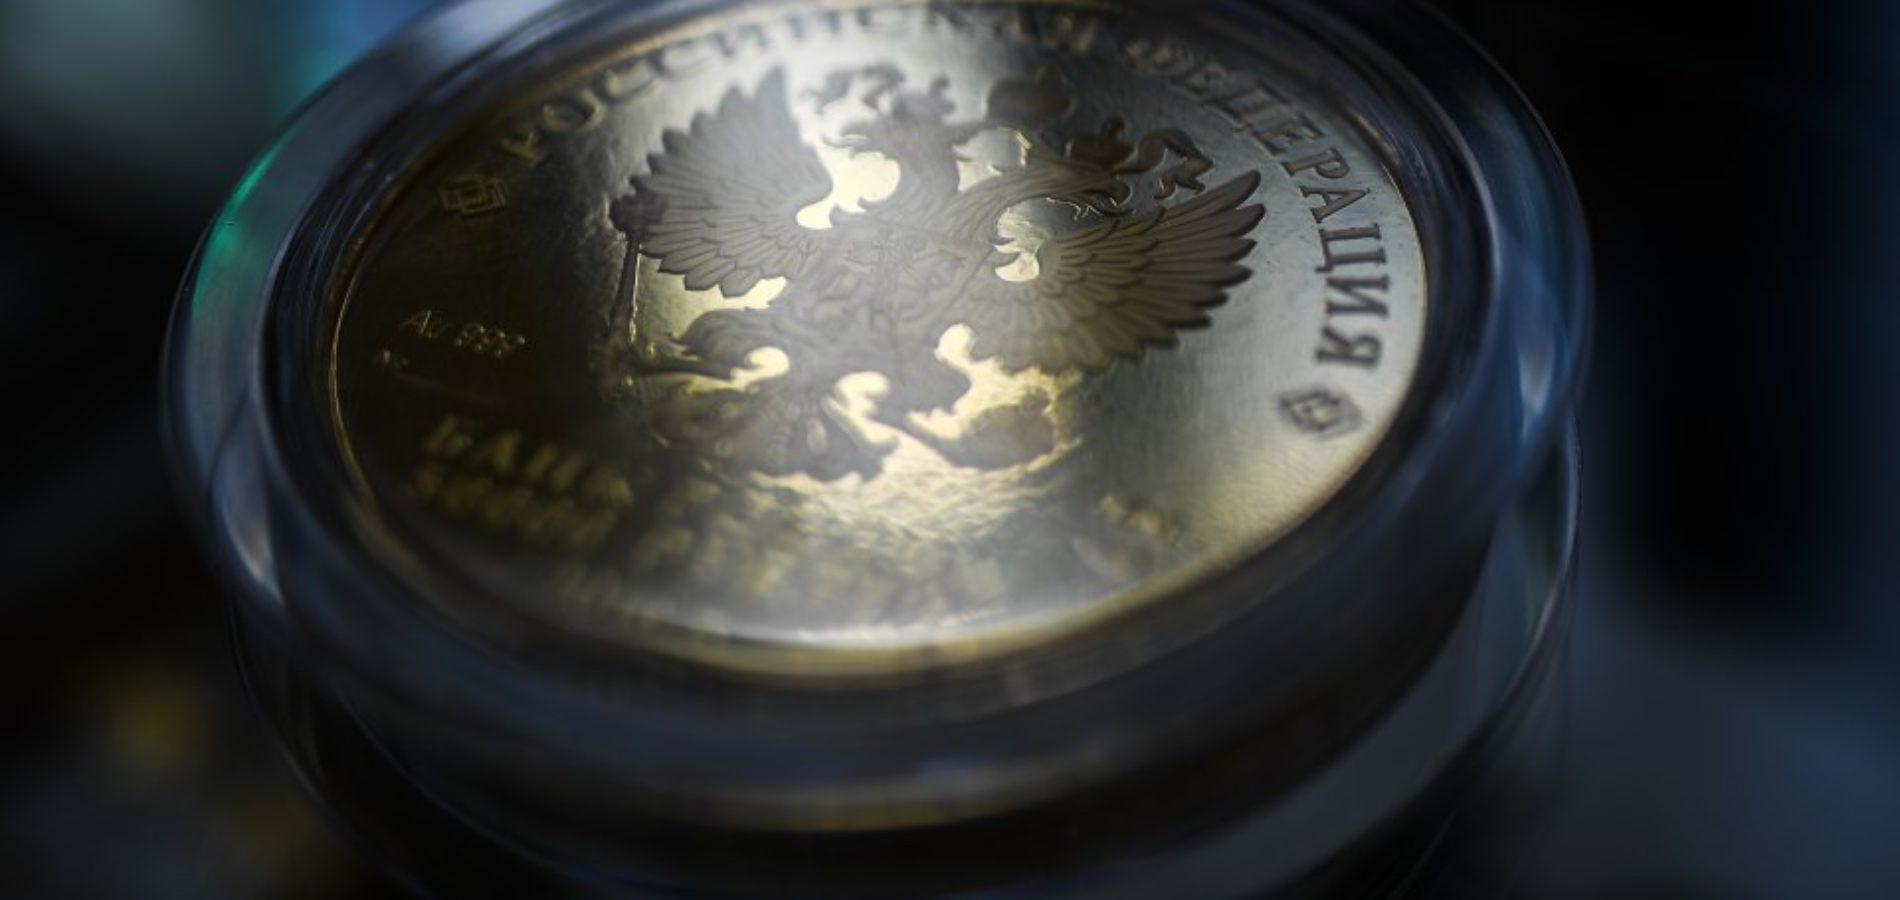 Тяжелый рубль как наркотик. Почему укрепление российской валюты всегда плохо заканчивается